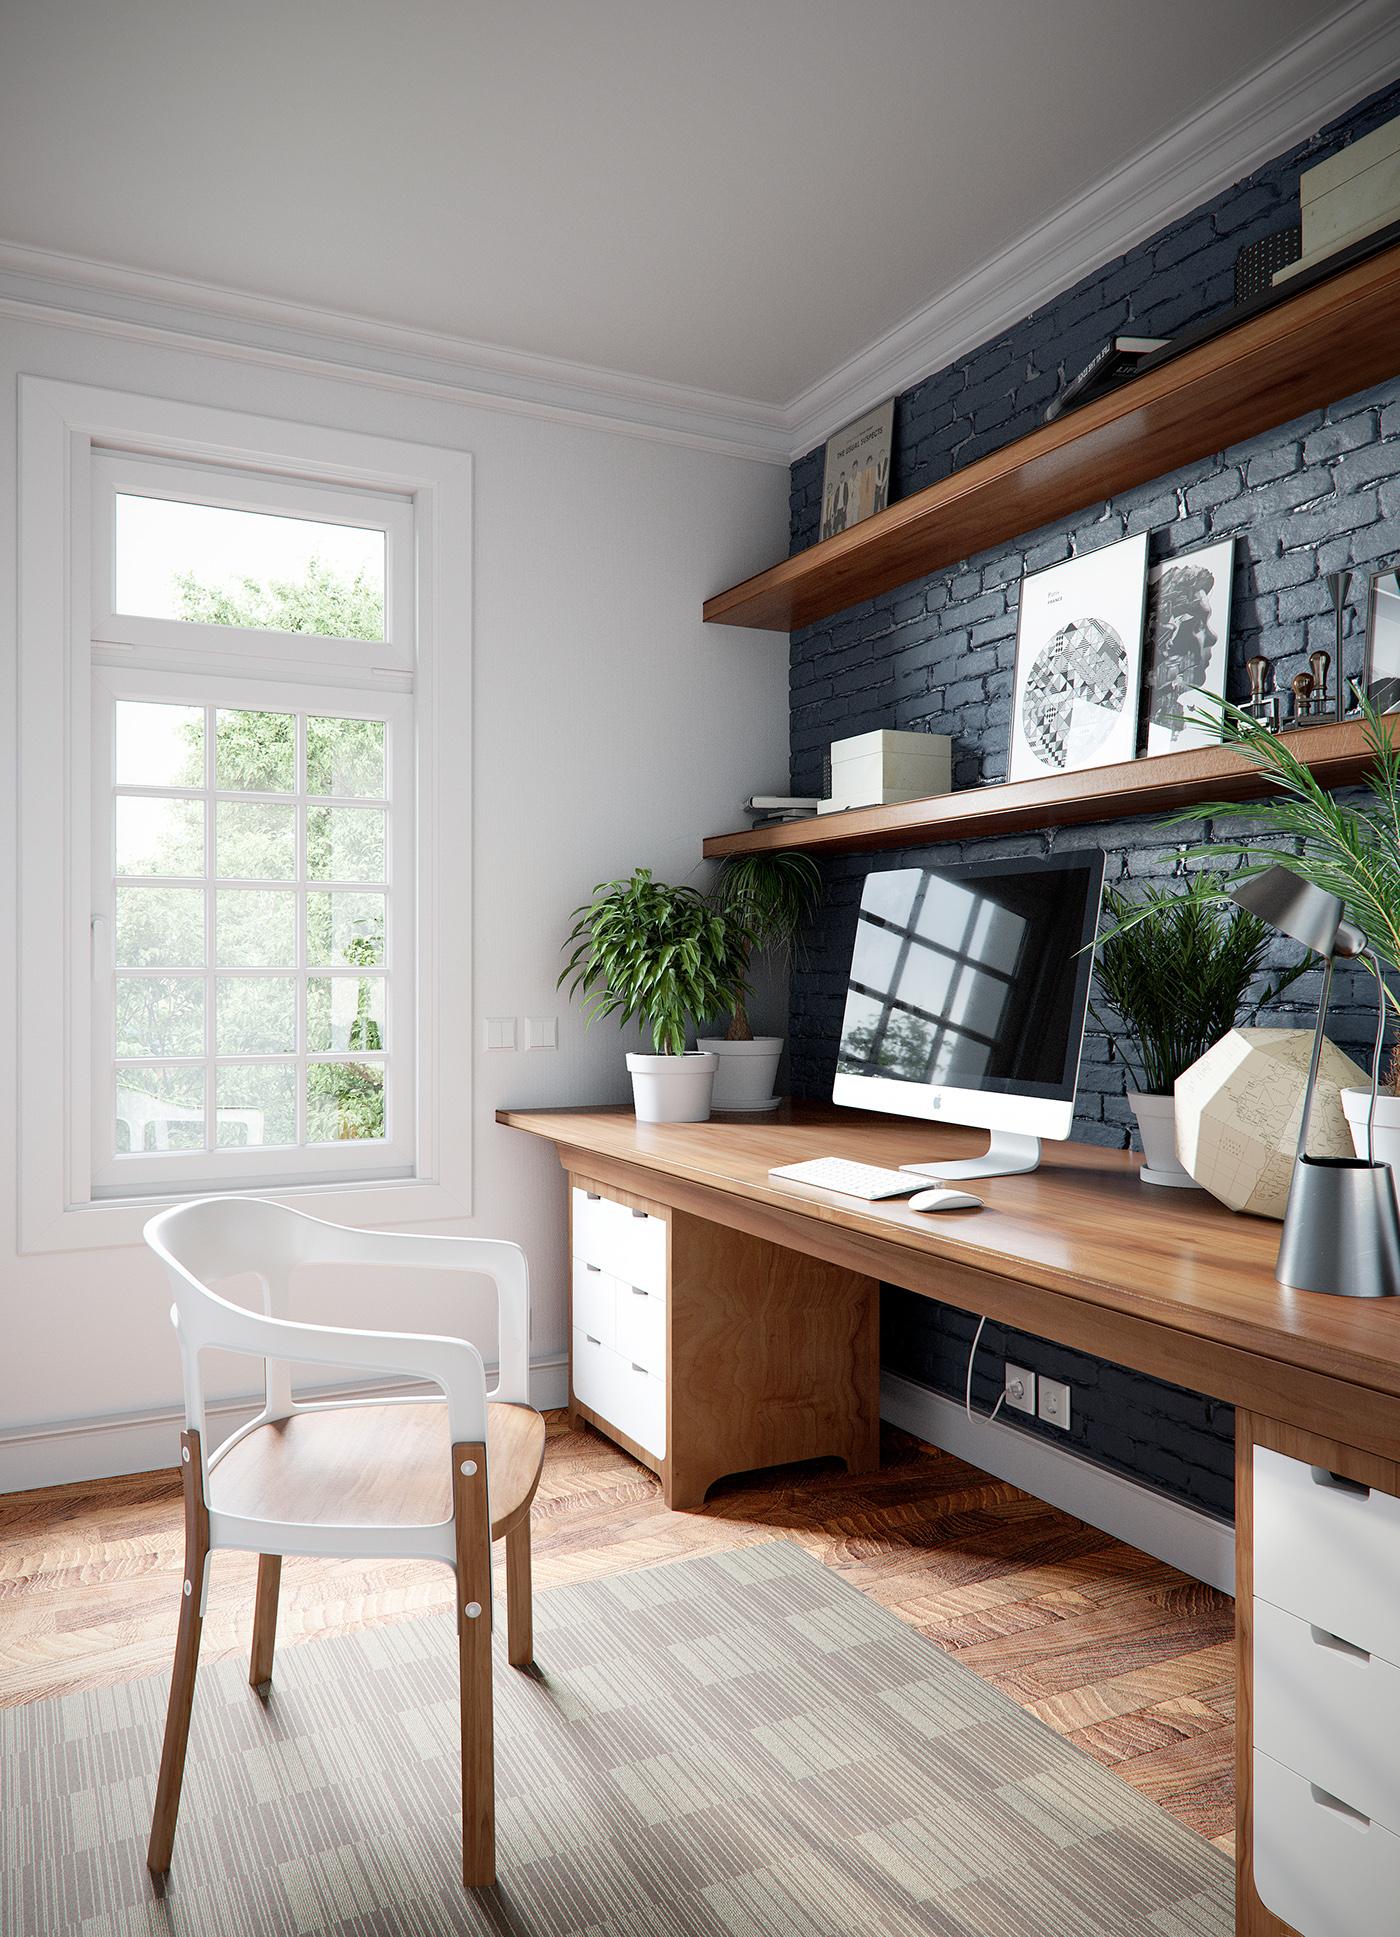 優秀的17款辦公桌設計欣賞